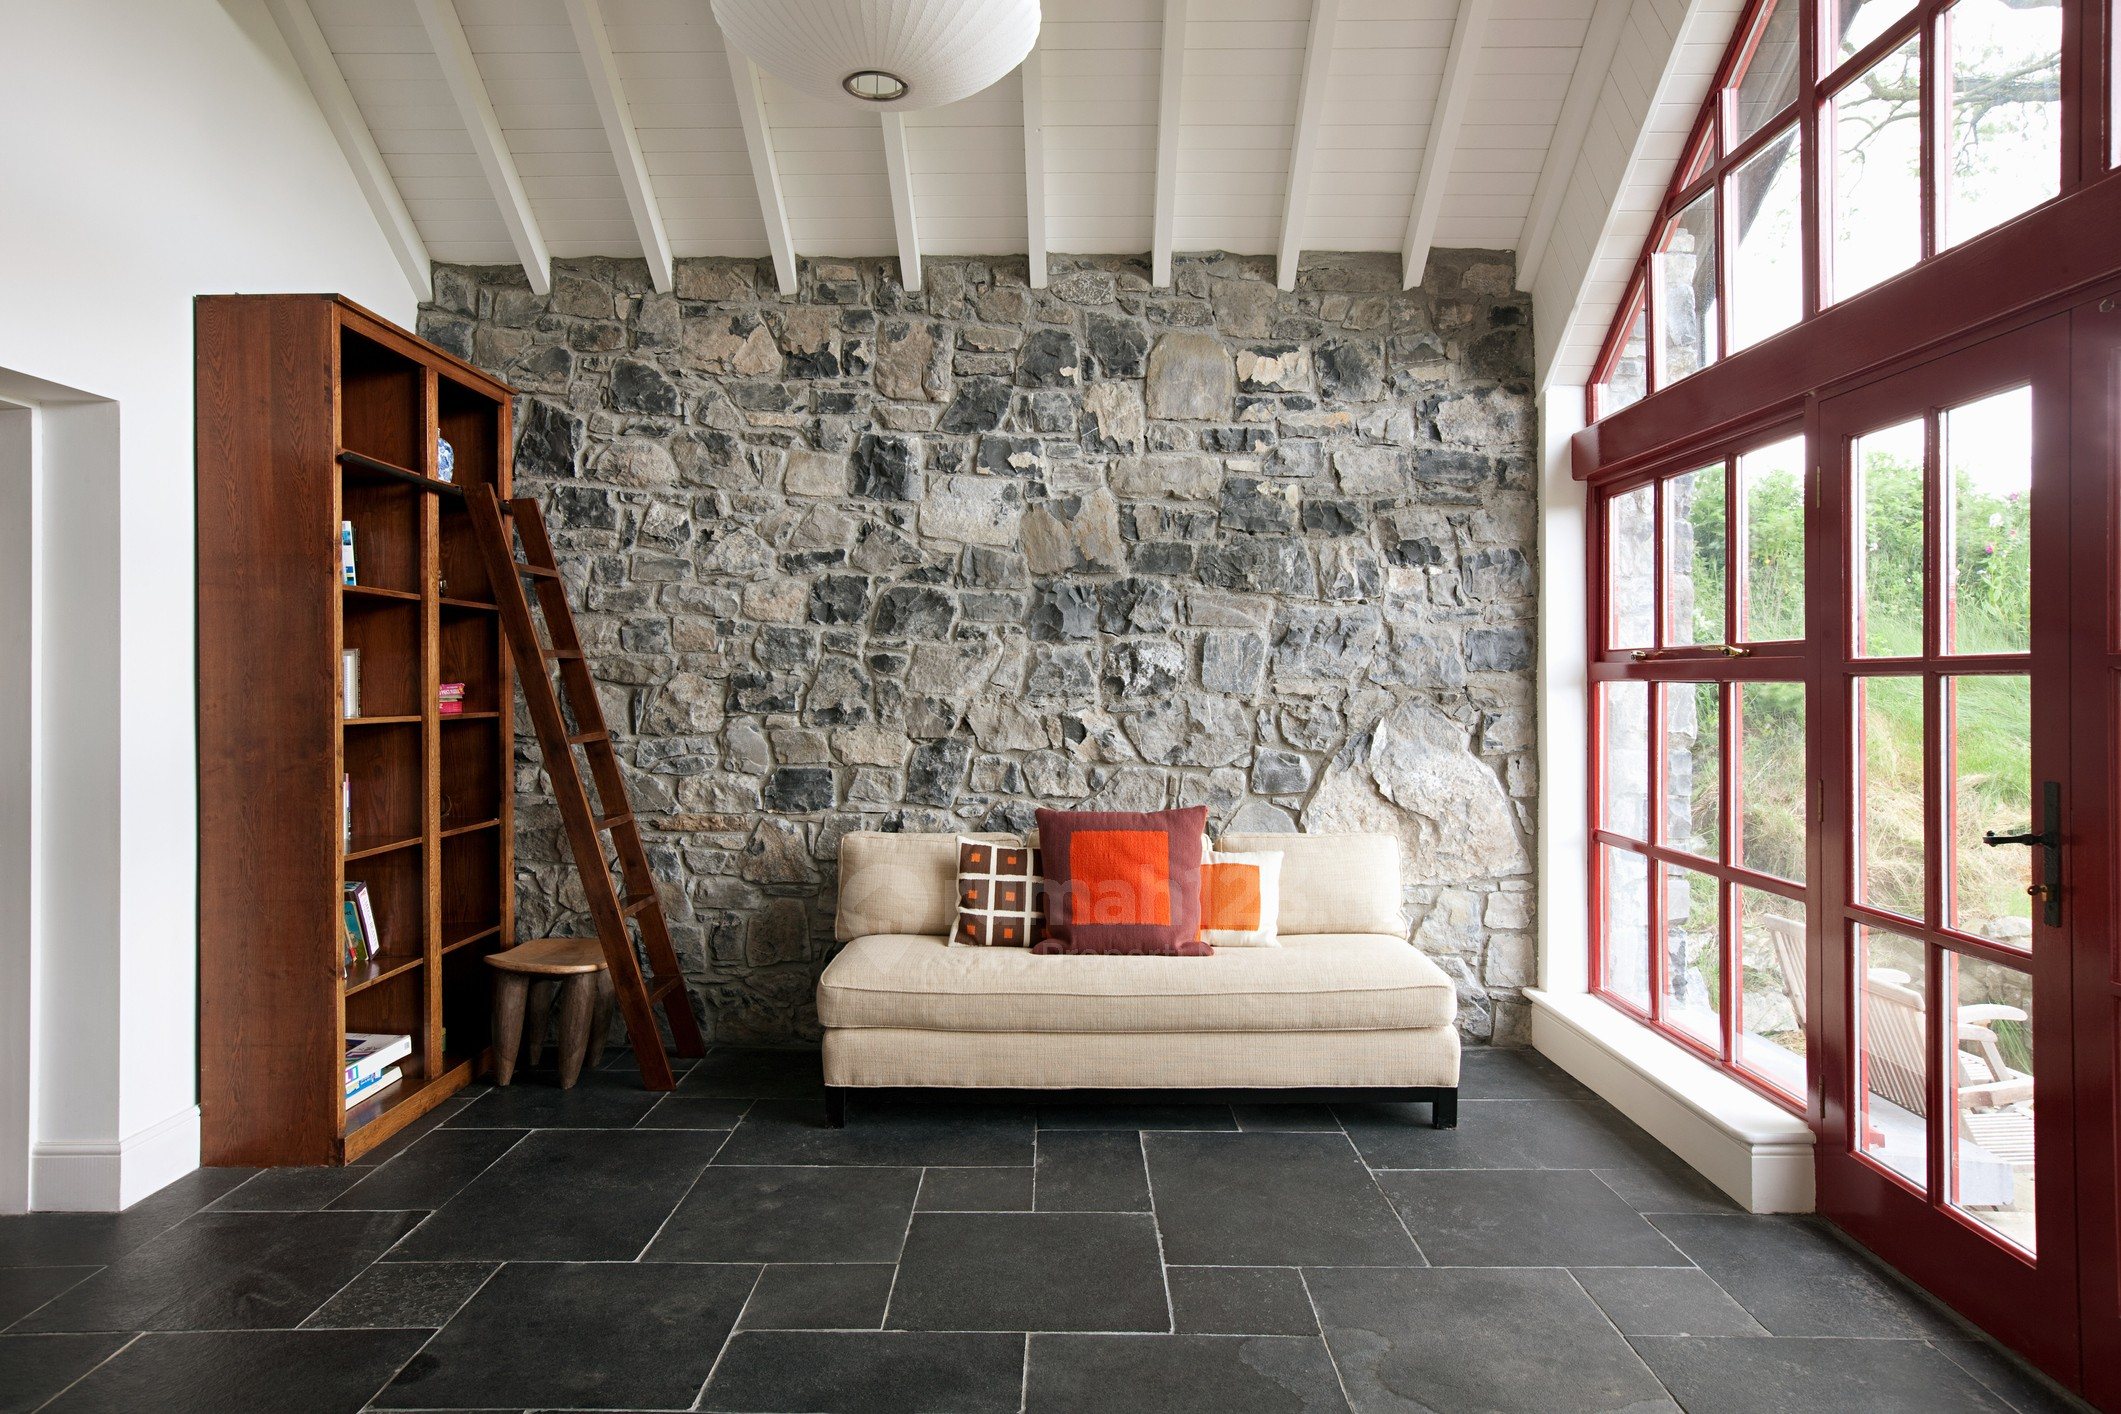 6700 Koleksi Gambar Rumah Yang Ada Batu Alam HD Terbaru